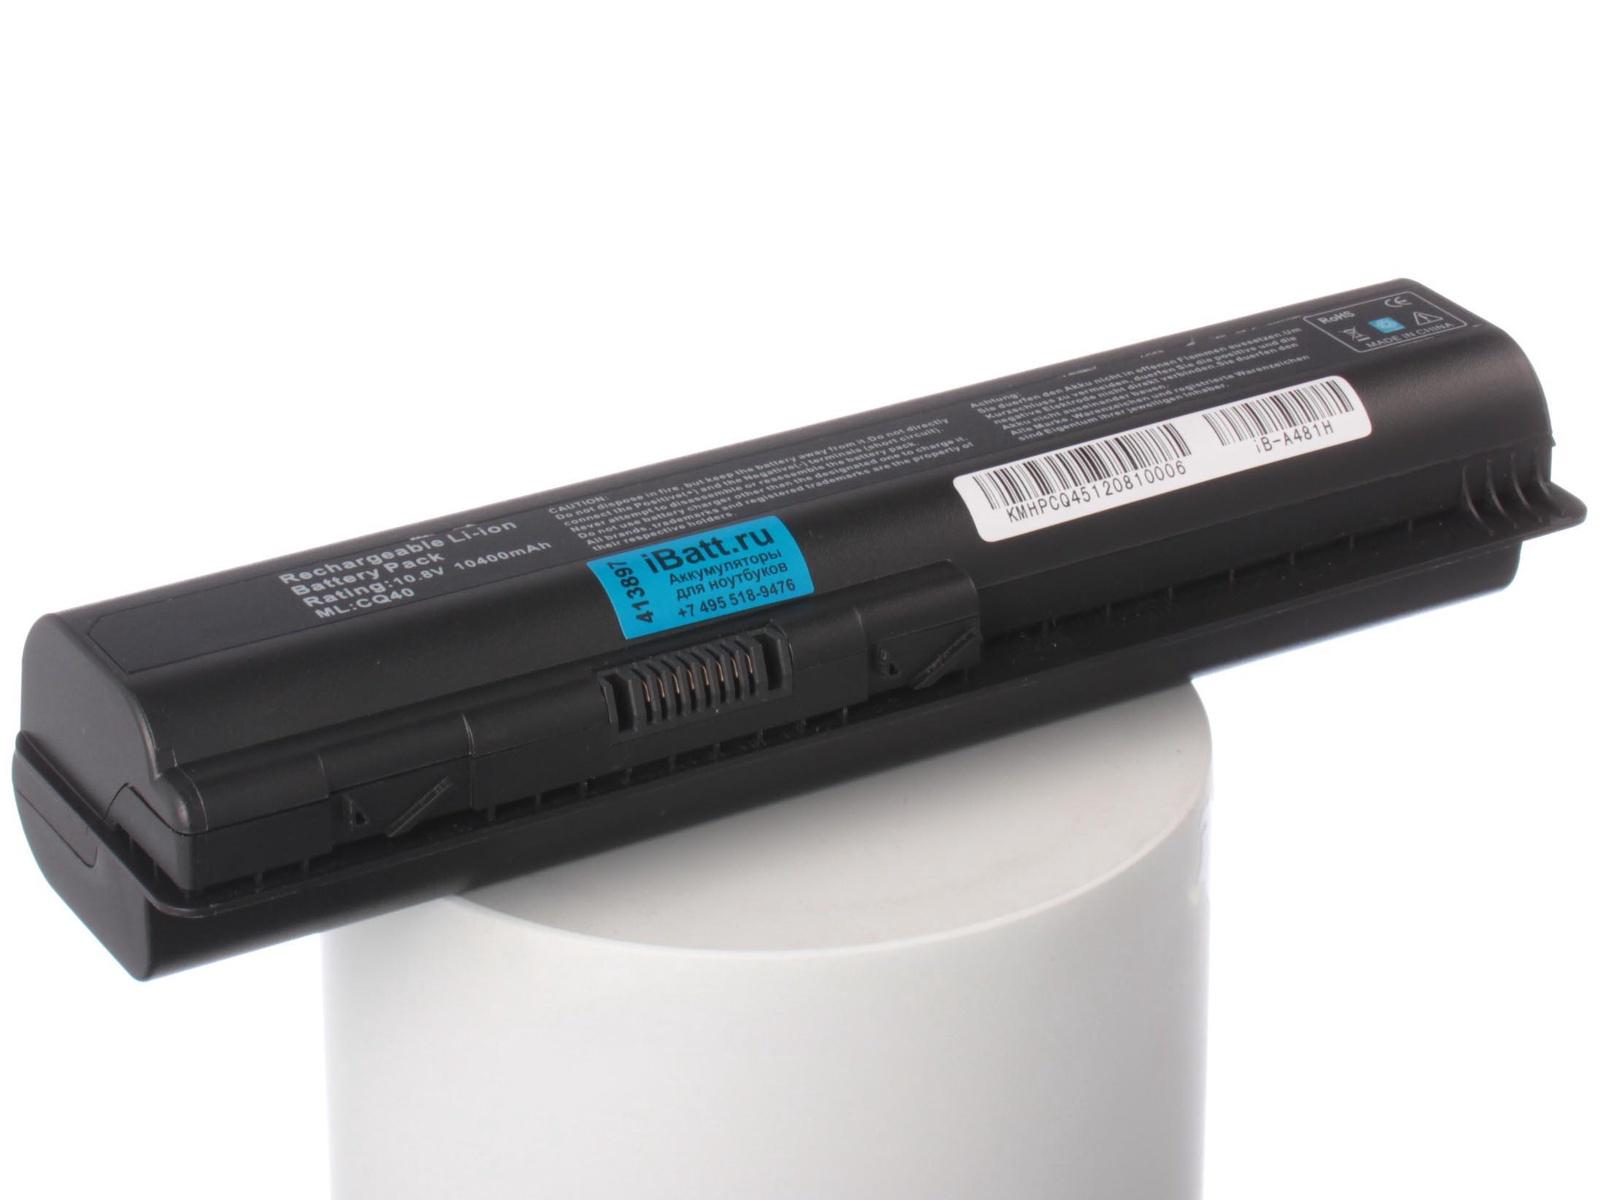 Аккумулятор для ноутбука iBatt для HP-Compaq Presario CQ61-316ER, Presario CQ61-422ER, Presario CQ60-106ER, Pavilion dv5-1048er, Pavilion dv5-1192er, HDX X16-1040ER, Pavilion dv4-1200, Pavilion dv5-1118es, Pavilion dv6-1439er аккумулятор для ноутбука hp compaq hstnn lb12 hstnn ib12 hstnn c02c hstnn ub12 hstnn ib27 nc4200 nc4400 tc4200 6cell tc4400 hstnn ib12